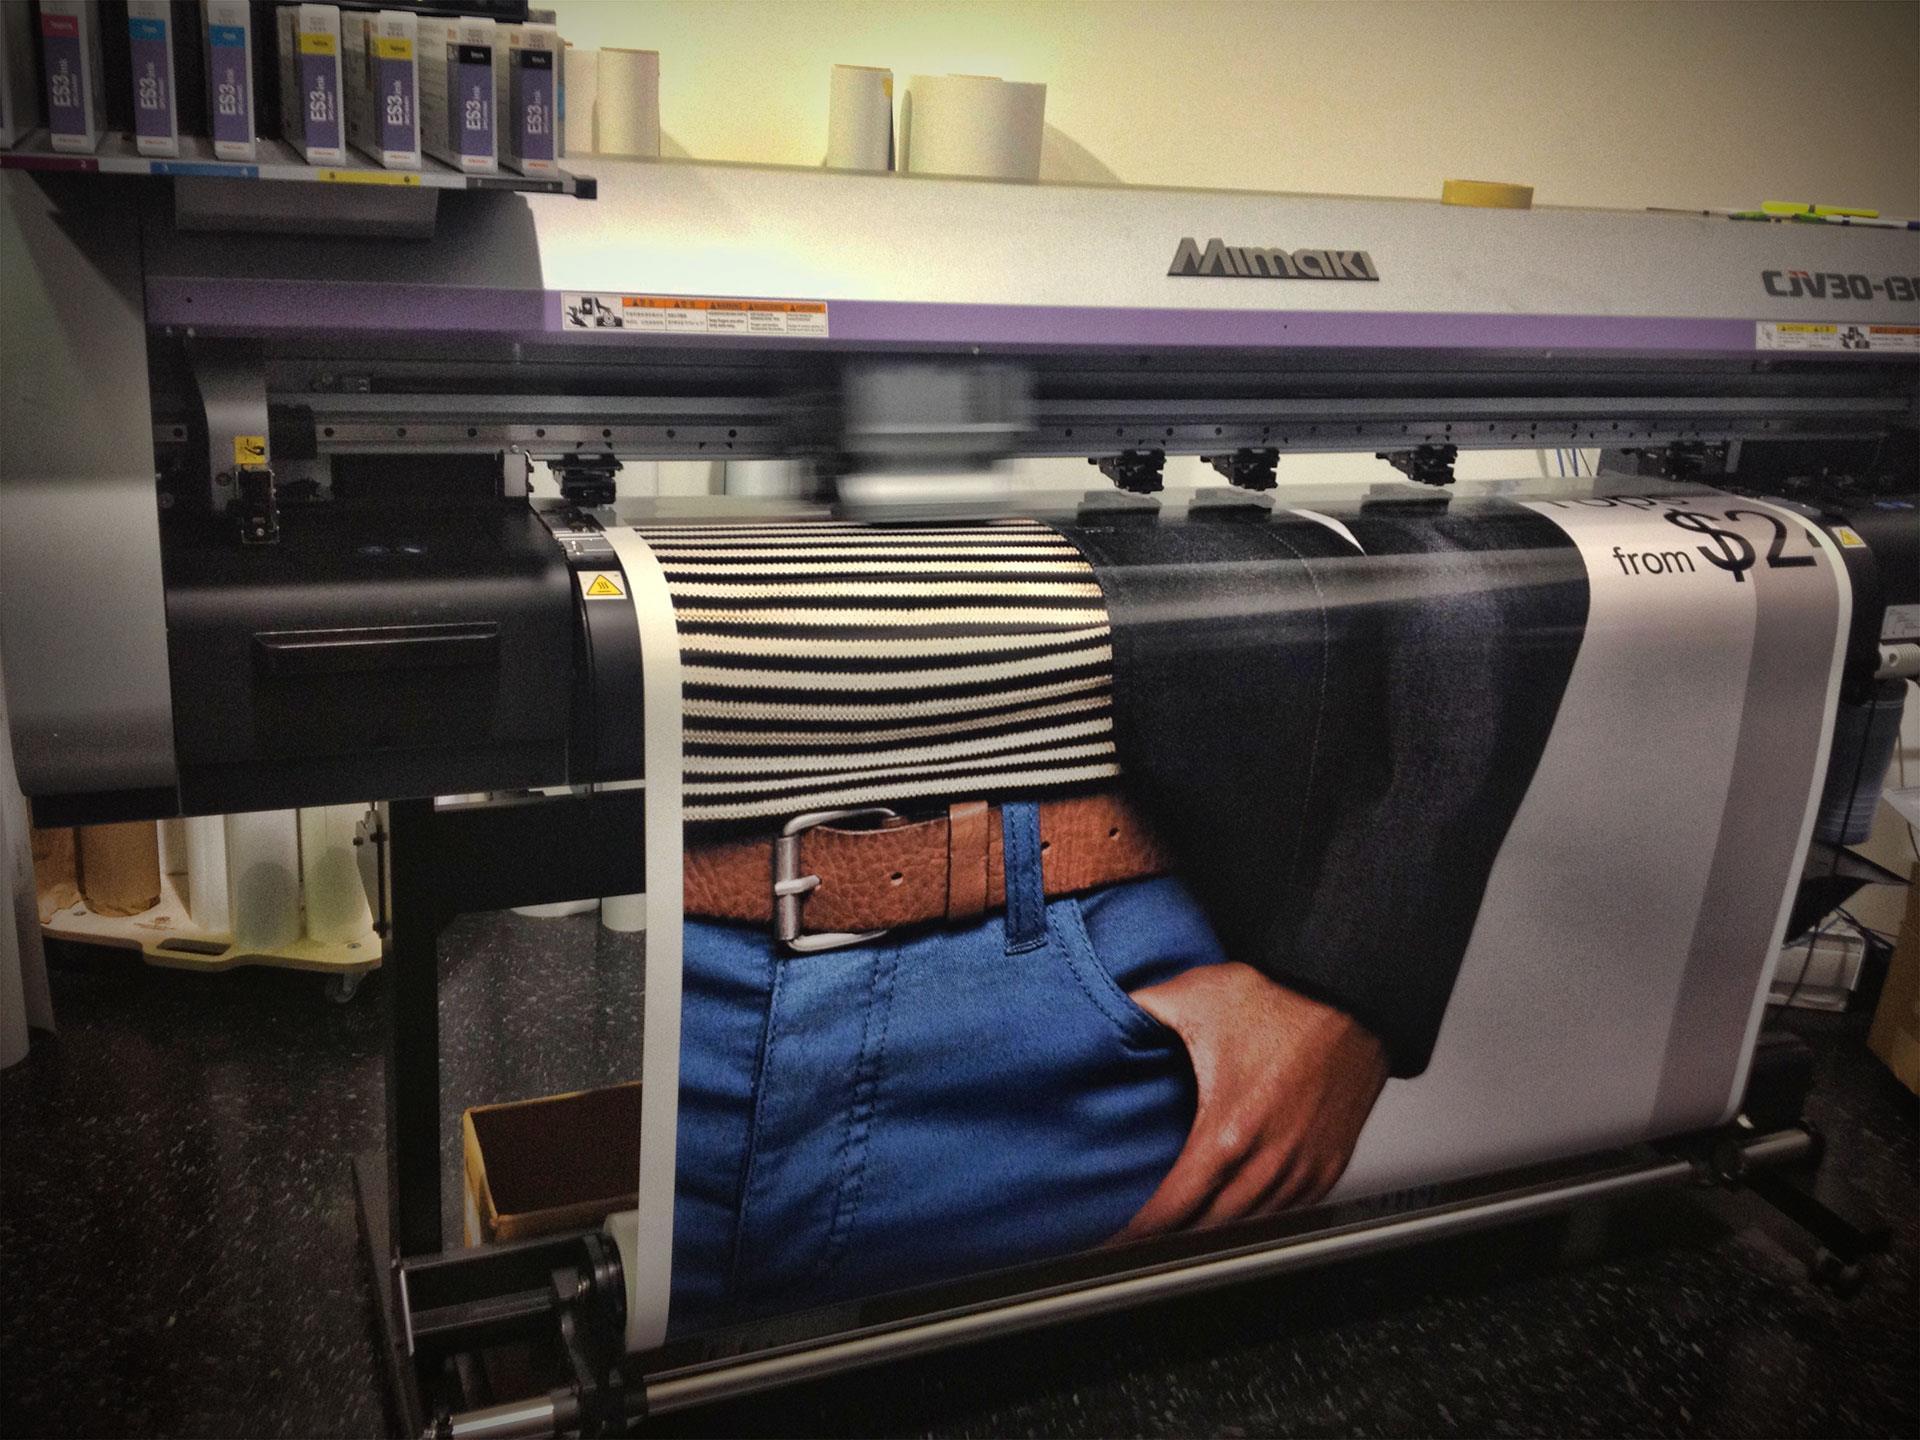 h&m-bus-wrap-printing